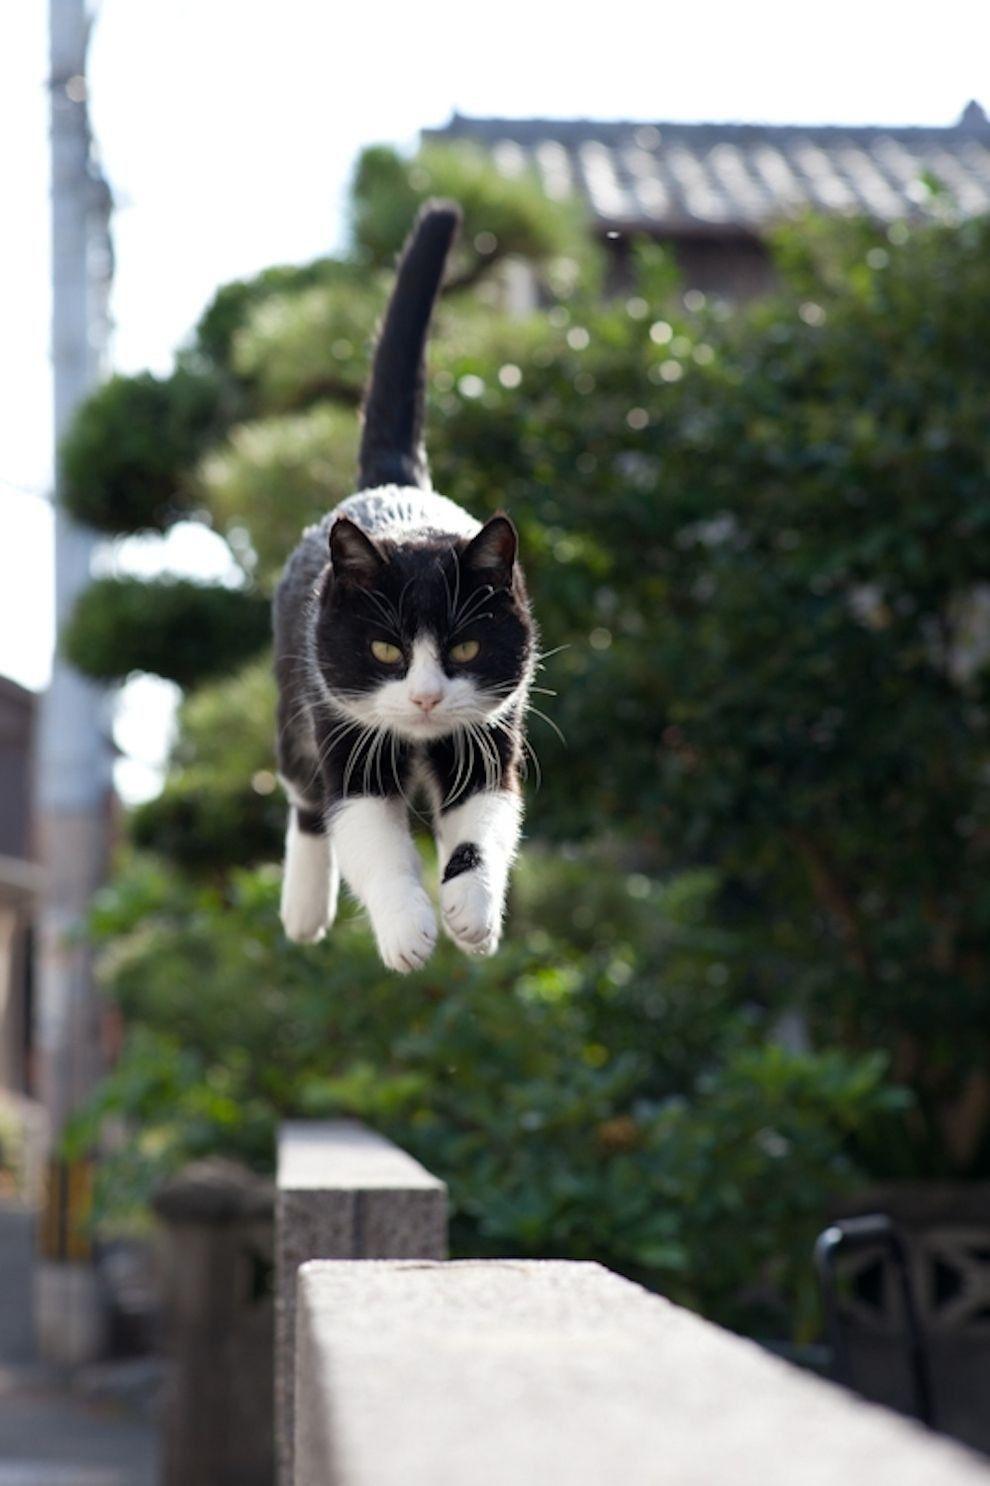 Pin de Tina en * Oasis * en 2020 Gatos bonitos, Gatos